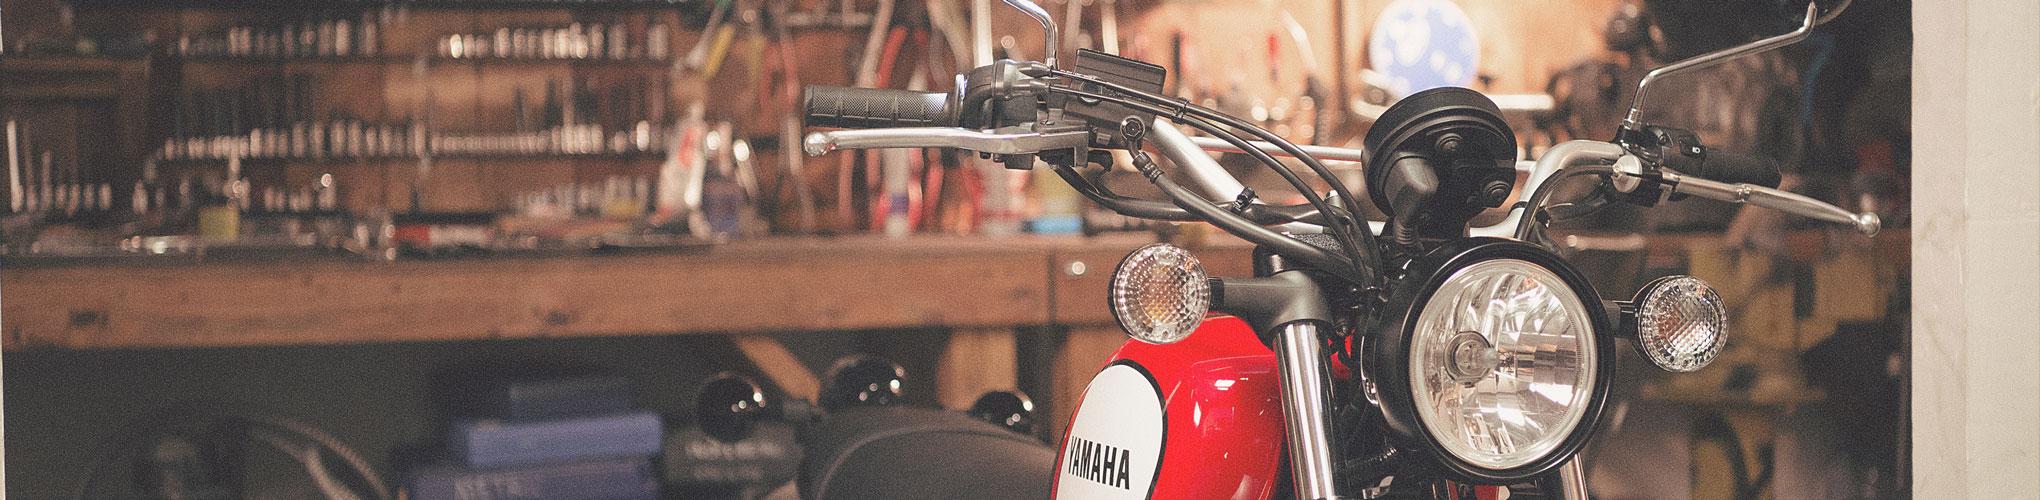 Motor reparatie | MotorCentrumWest